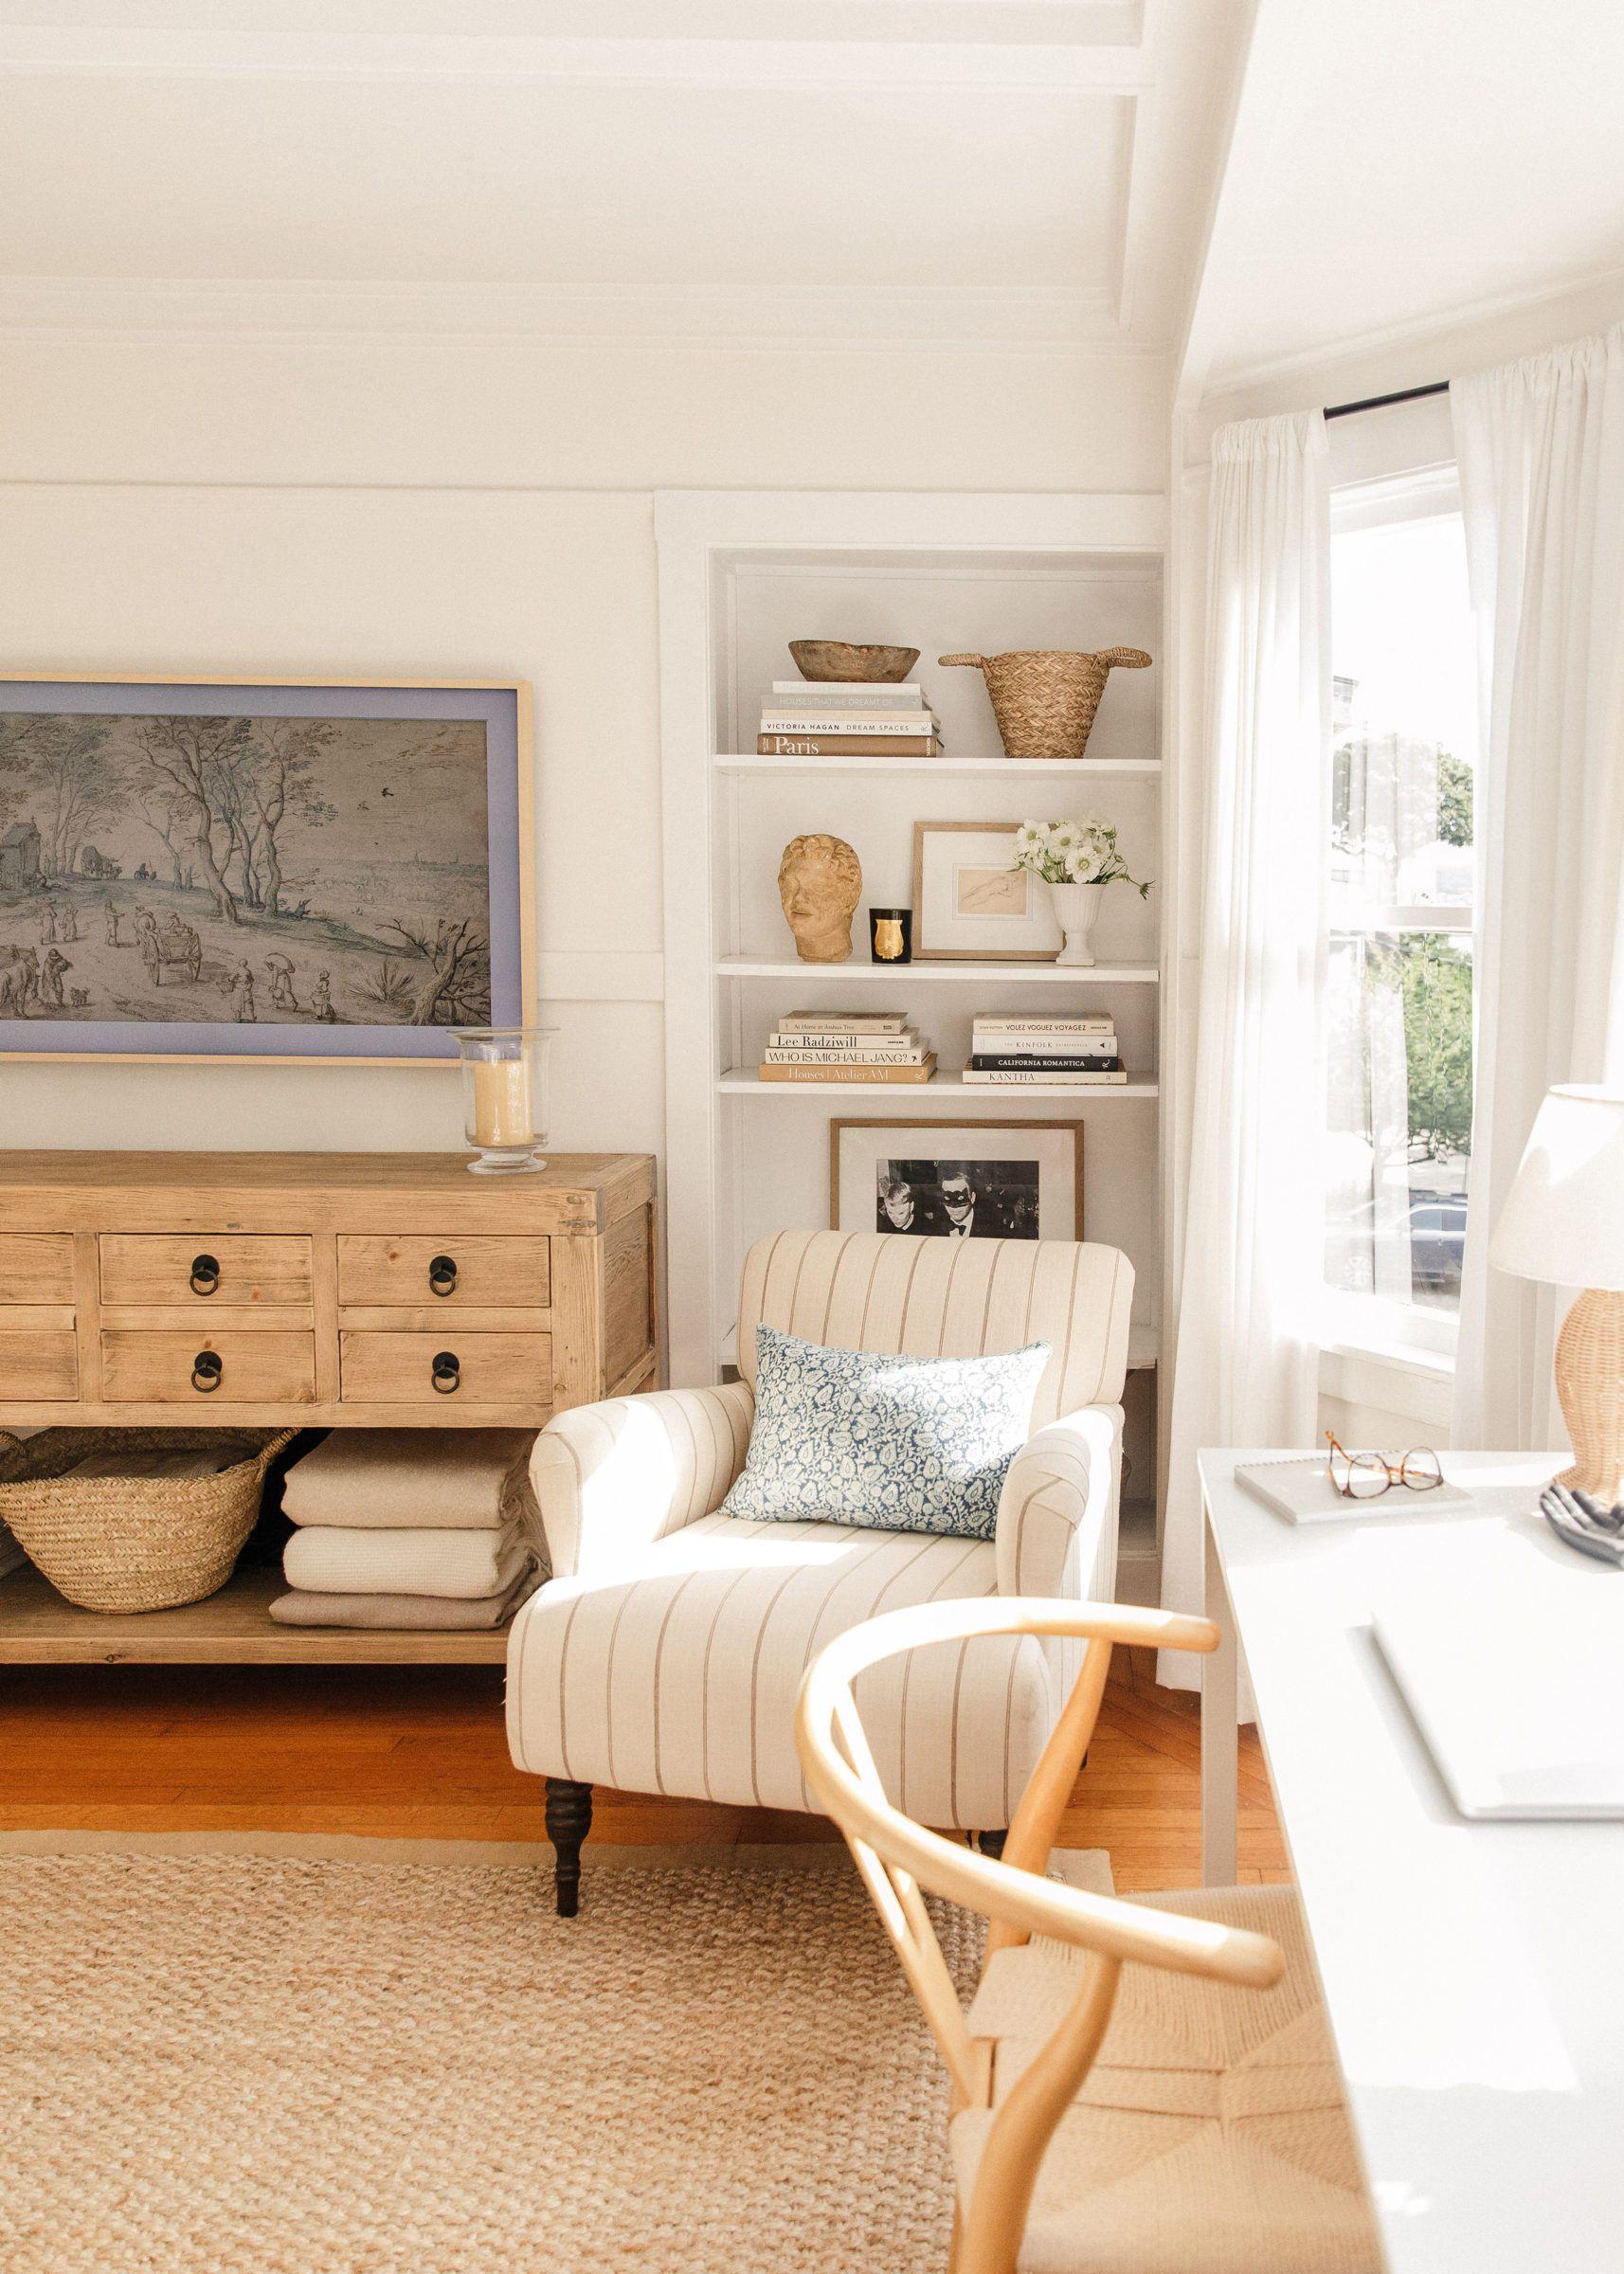 Detailing Our Samsung Art Tv Harlowe James Home Decor Contemporary Home Decor Affordable Home Decor Stores